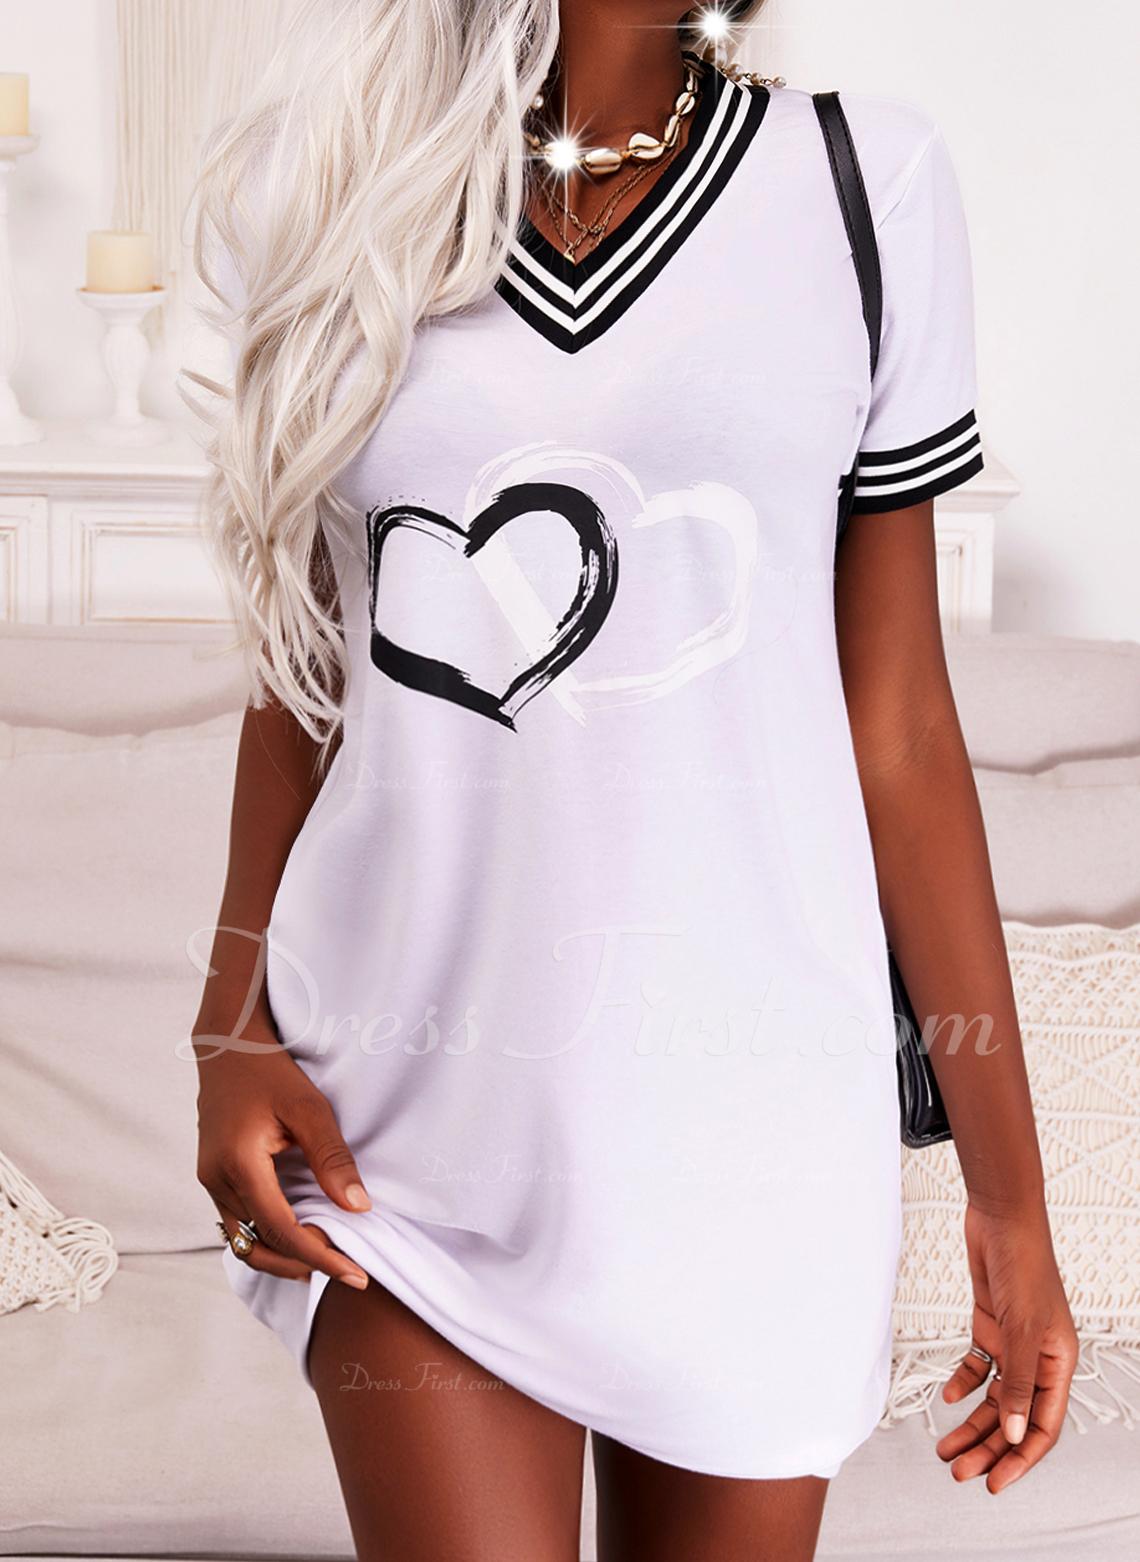 Print Stribe Hjerte Skiftekjoler Korte ærmer Mini Casual T-shirt Mode kjoler